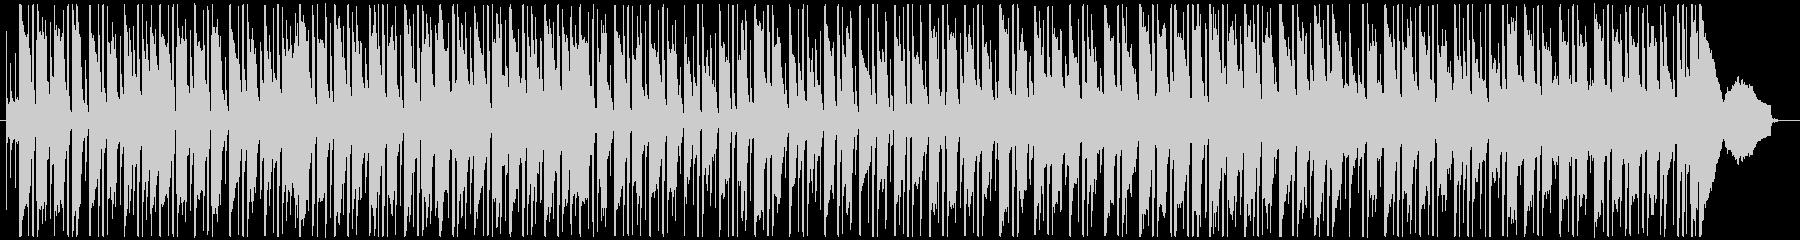 波打ち際 さわやかなボサノバ の未再生の波形